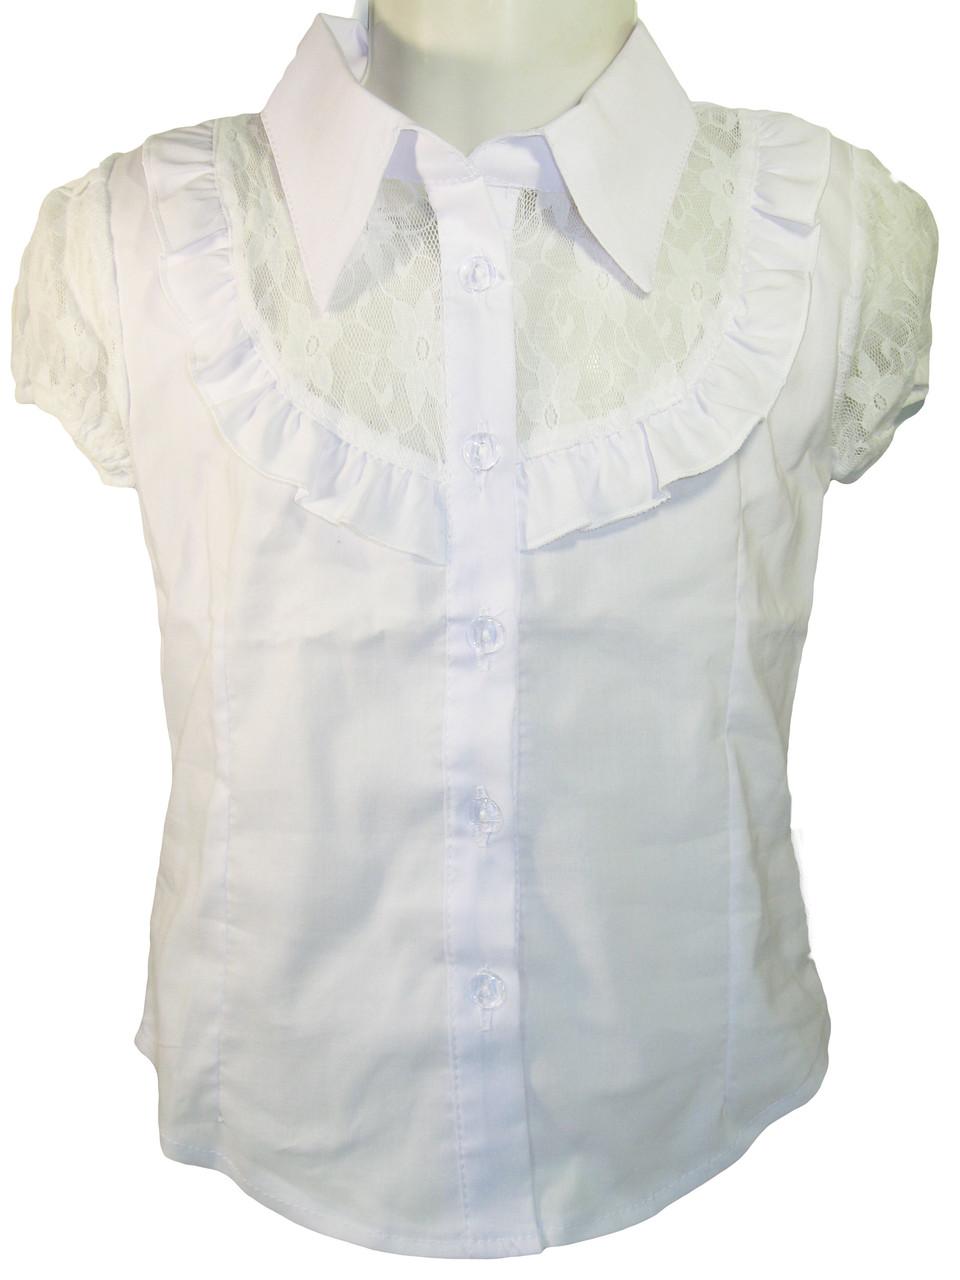 Блузка нарядная для девочек, размеры 110,116,122,134,140,146,152 арт. 110